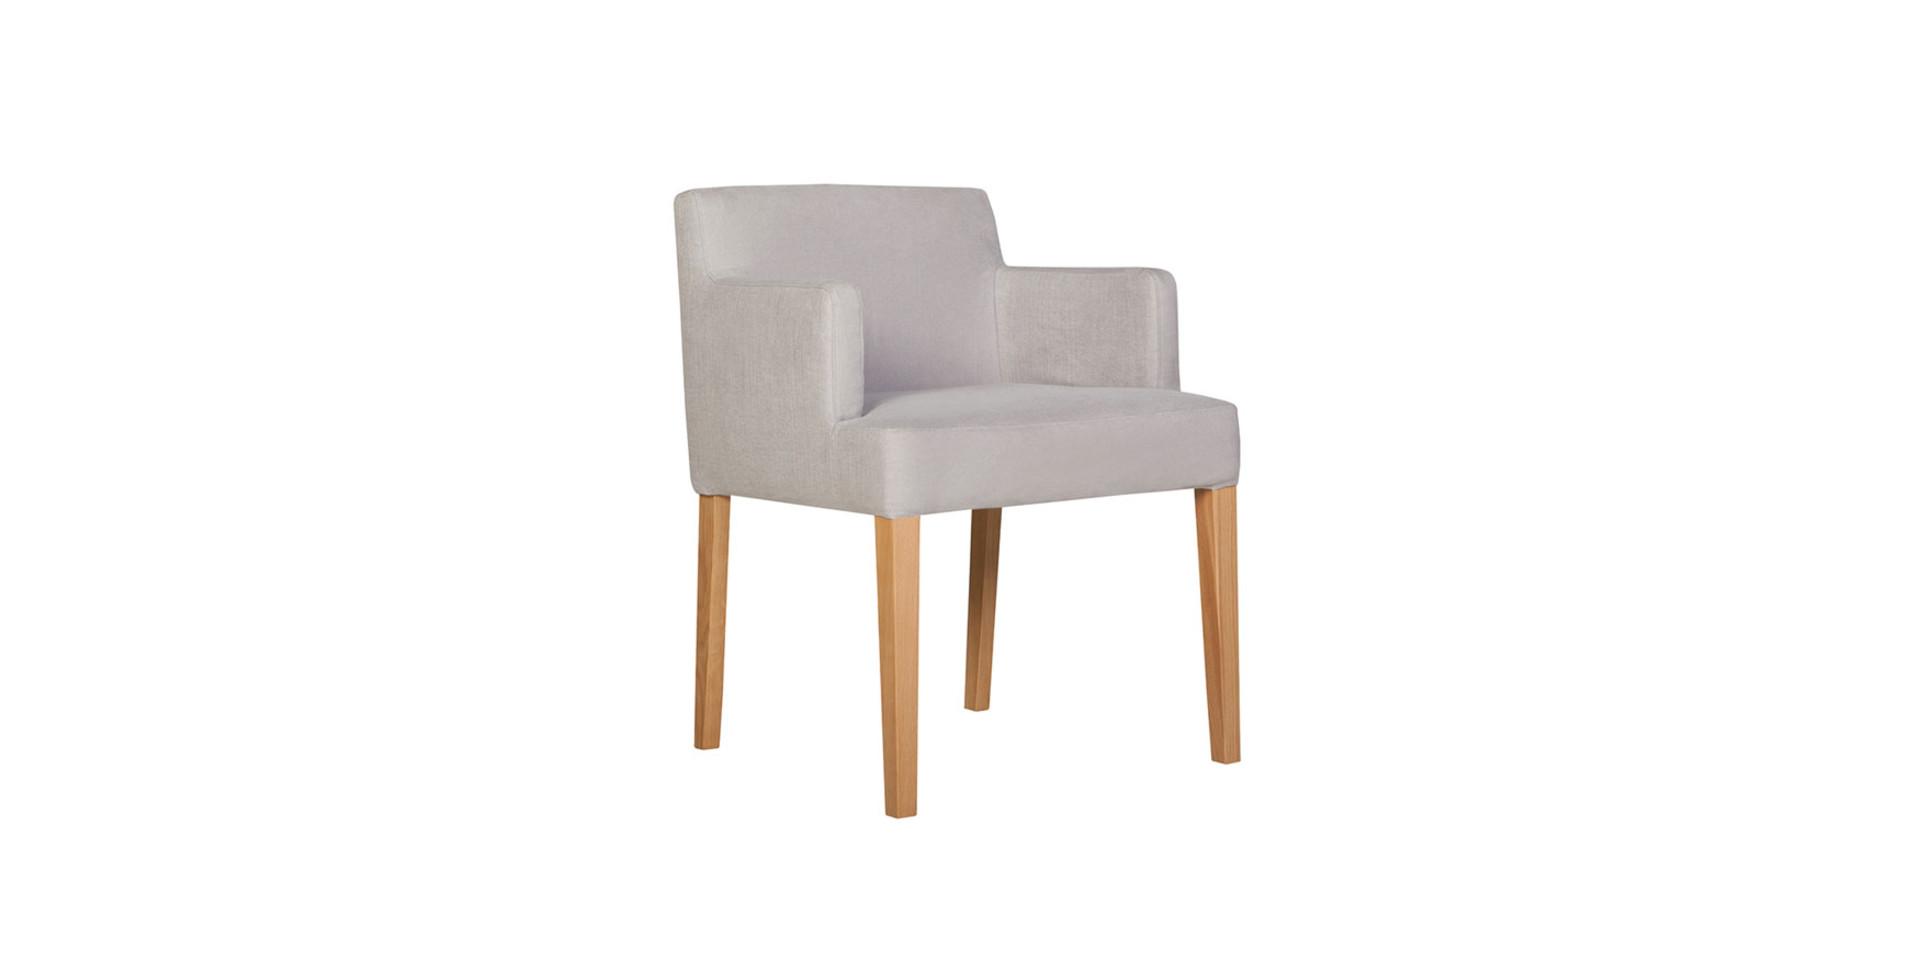 sits-linn-fauteuil-chair_caleido10996_grey_beige_2